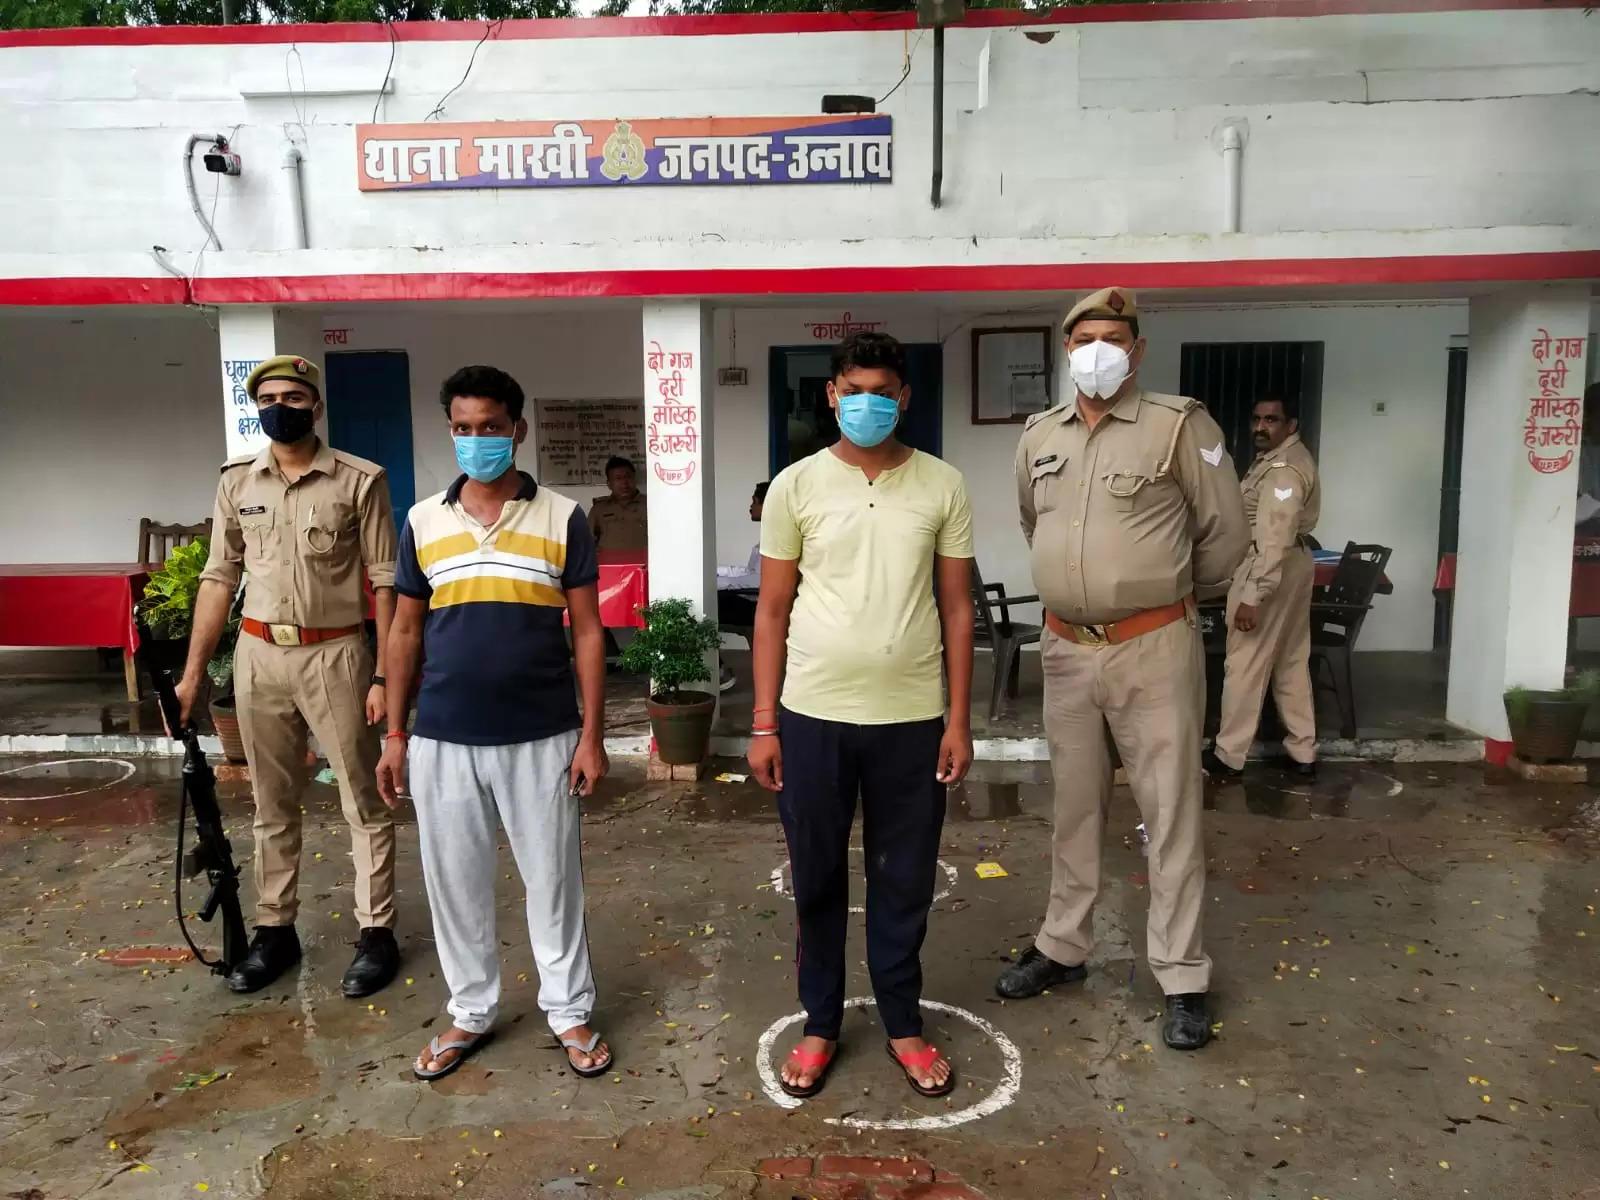 उन्नाव - पत्रकार के साथ मारपीट व दुर्व्यवहार करने वाले चार लोग हुए गिरफ्तार